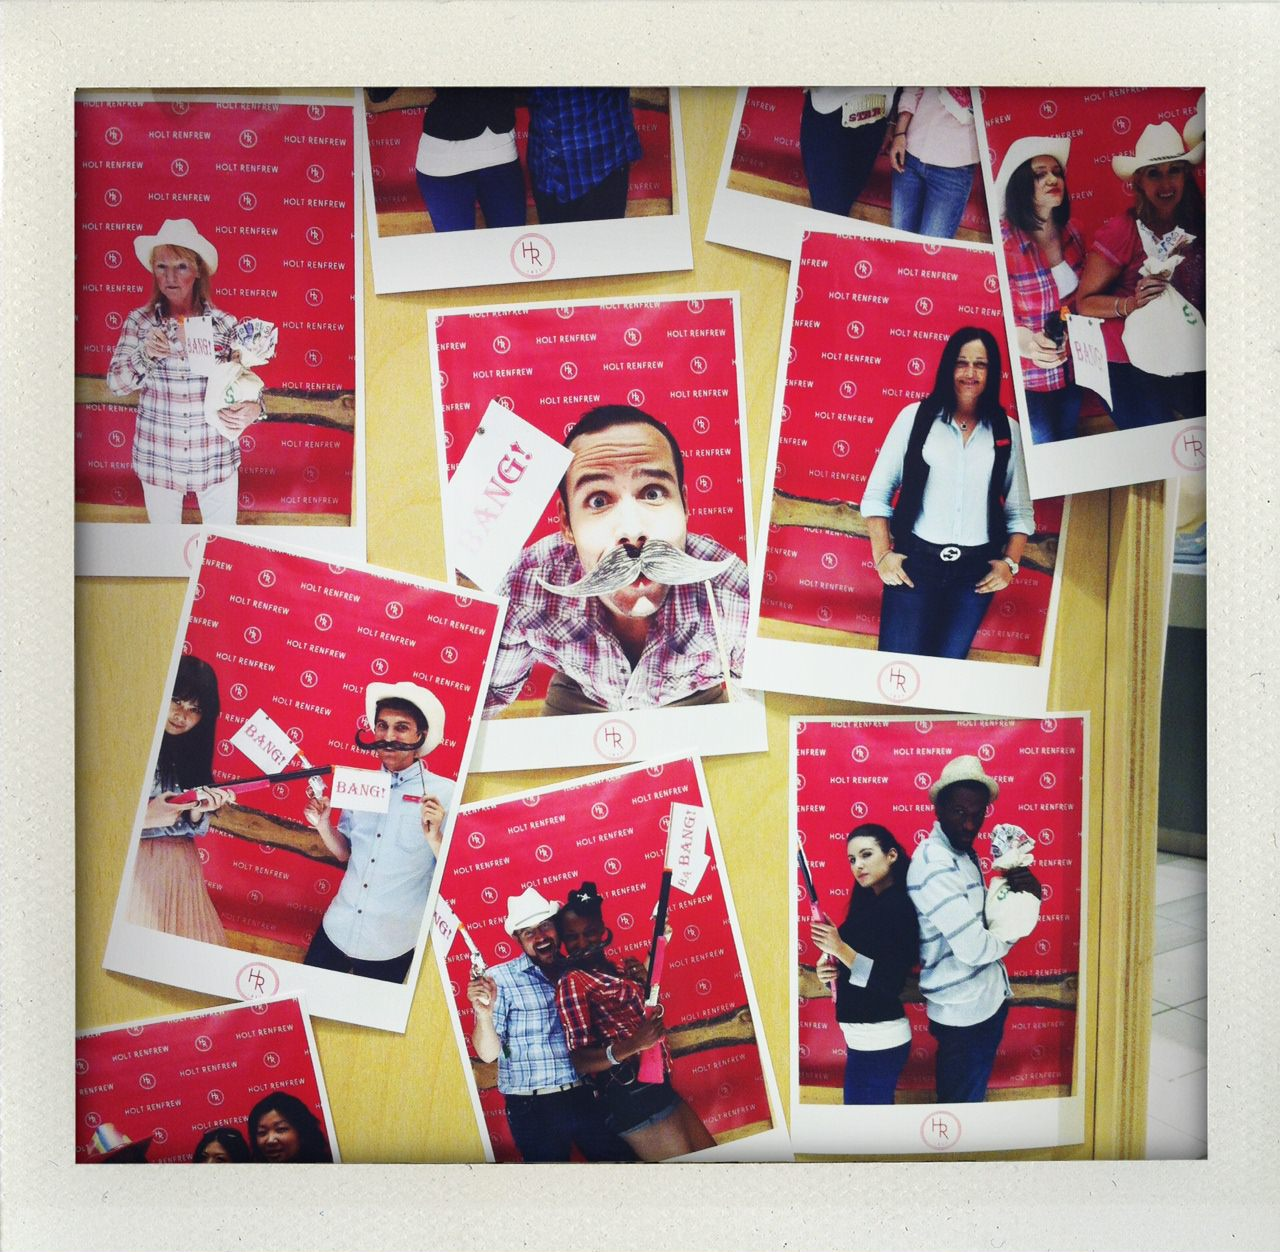 Rhinestone Cowboy Stampede Photo Booth At Holt Renfrew S